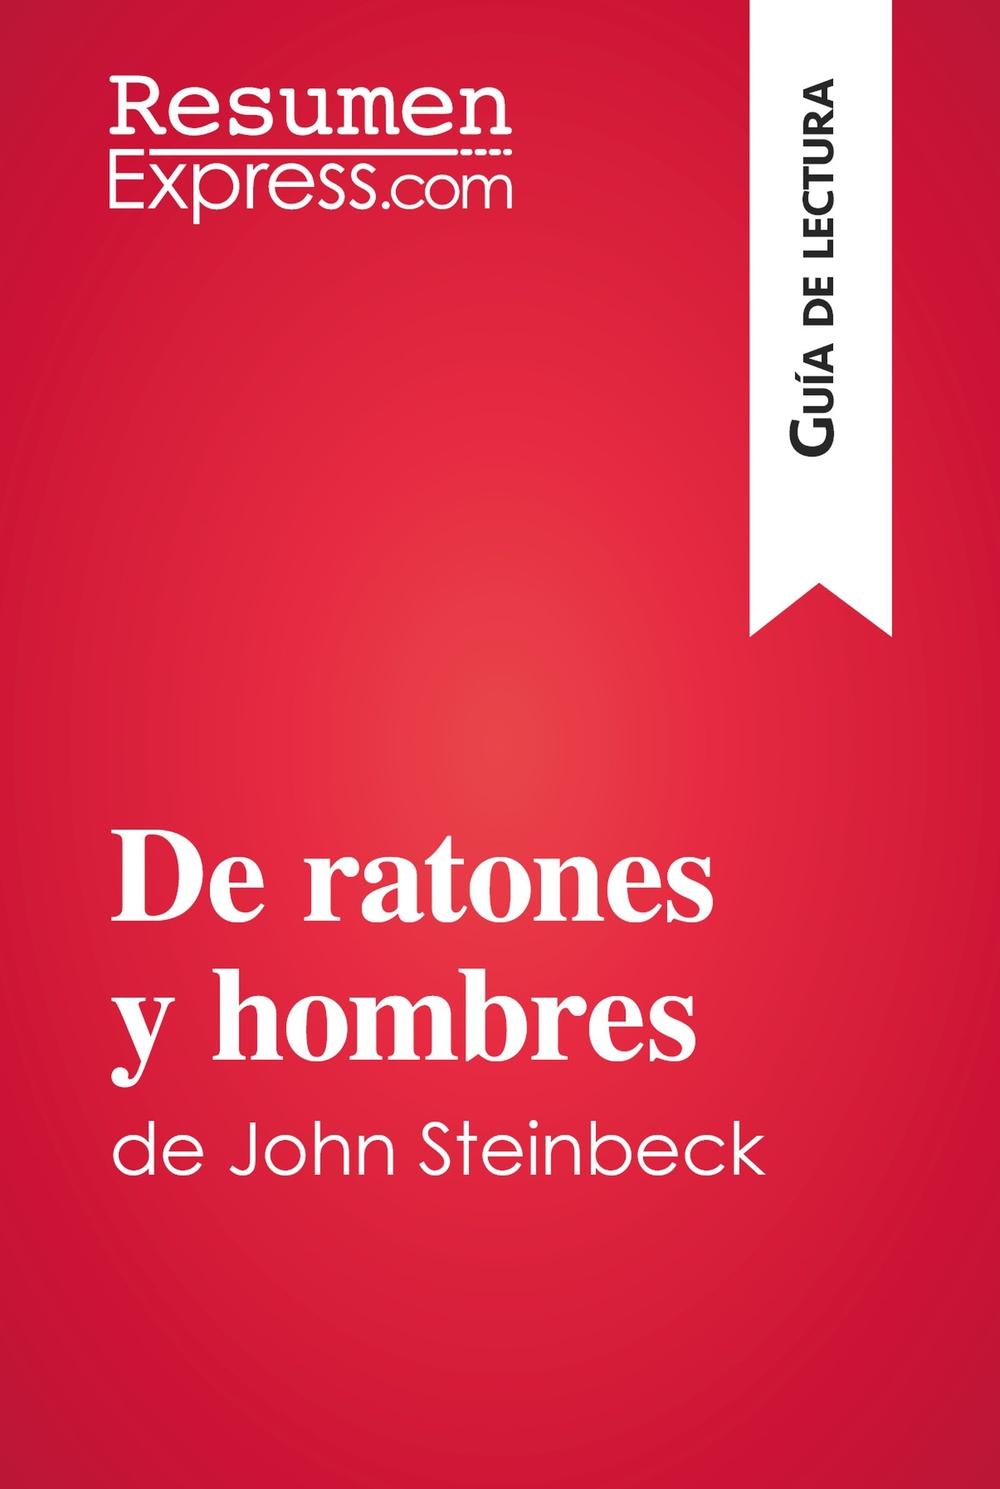 De ratones y hombres de John Steinbeck (Guía de lectura)